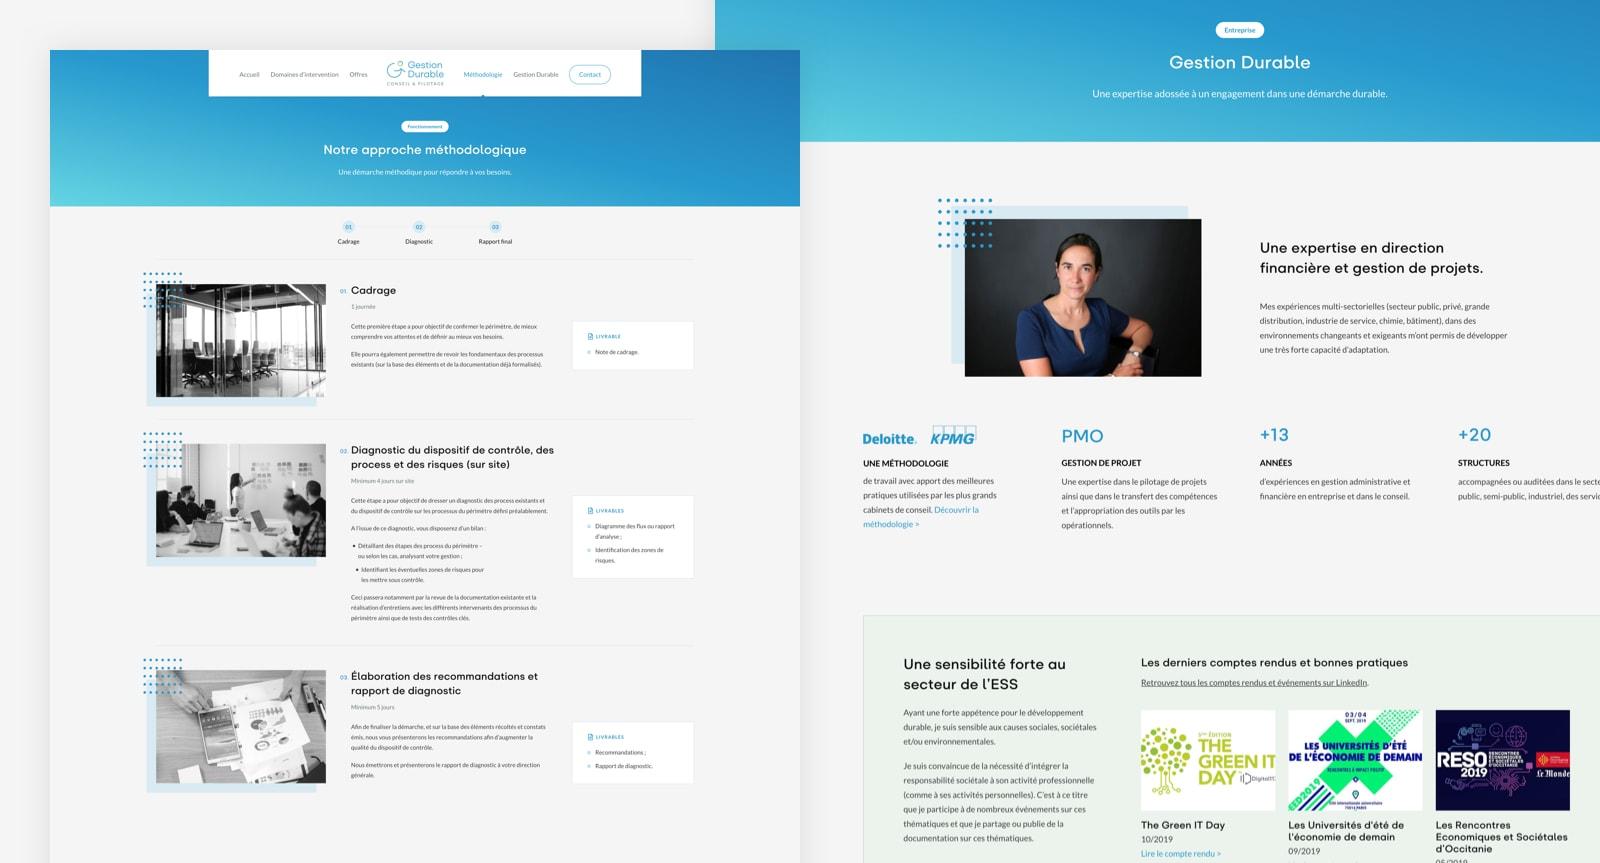 Page de méthodologie sur le site internet de Gestion Durable